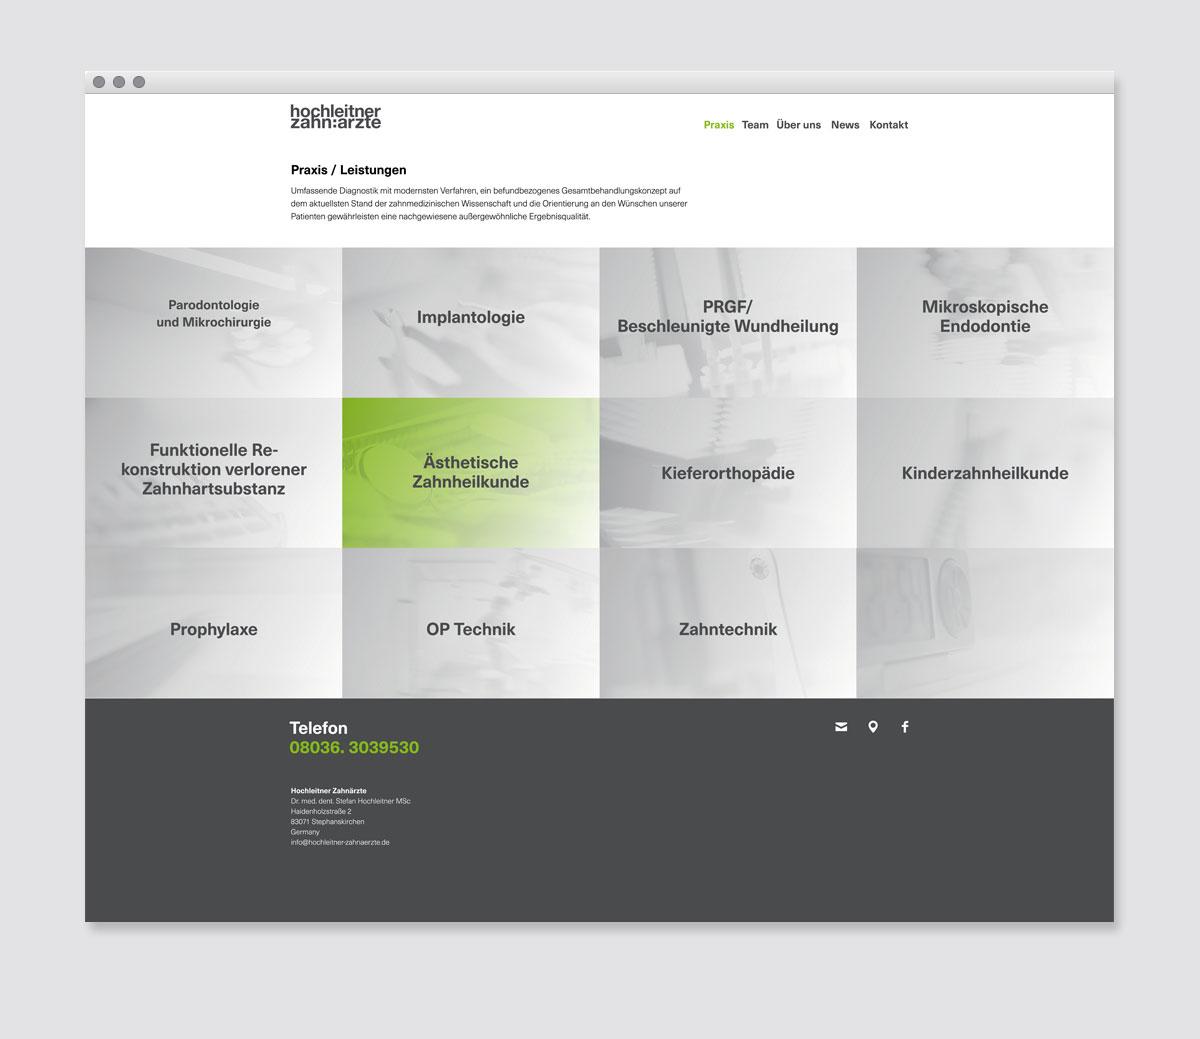 HochleitnerZahnaerzte-Website04